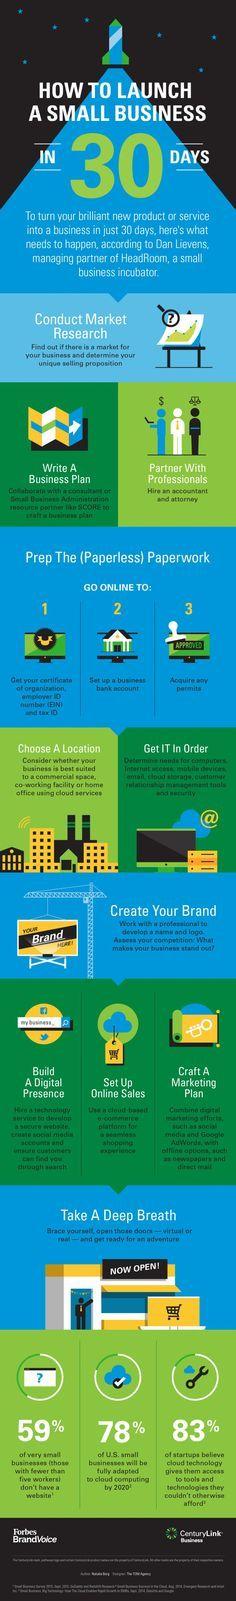 10 best Entreprenur images on Pinterest Social media